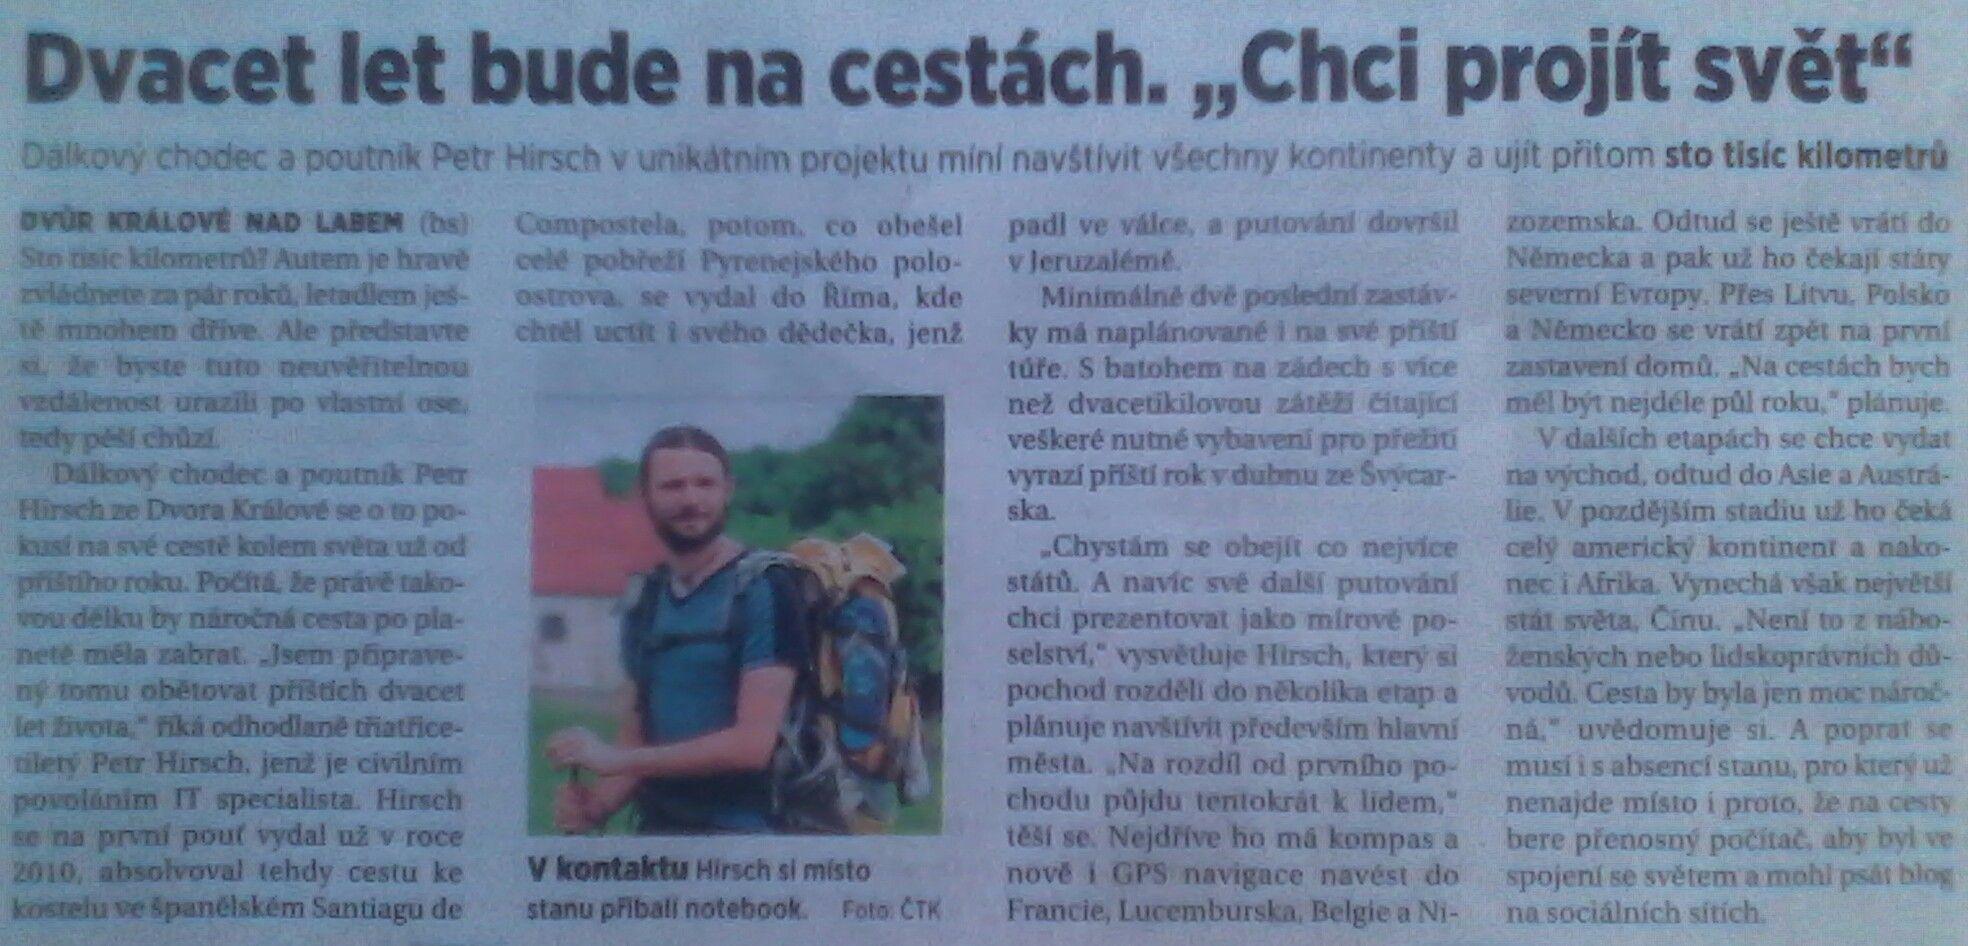 short newspaper article about my plans to walk around the world * krátký článek ve vydání mf Dnes (18.7.2013) popisující můj úmysl vykonat pěší pouť kolem světa s plánovaným startem léto 2014